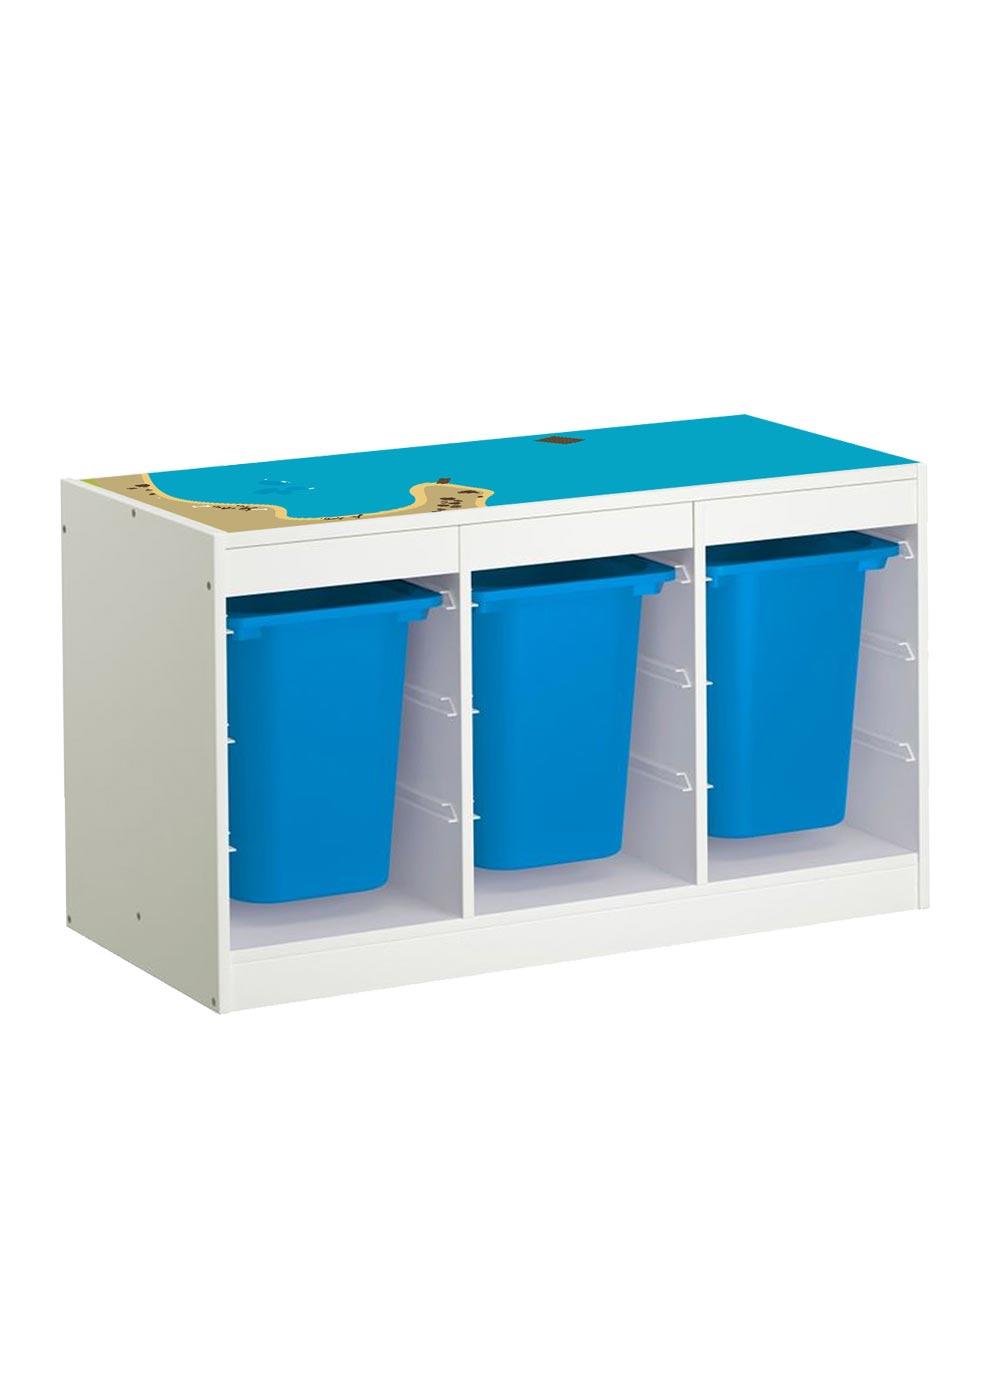 Ikea Trofast Regal Wasserreich Gesamtansicht